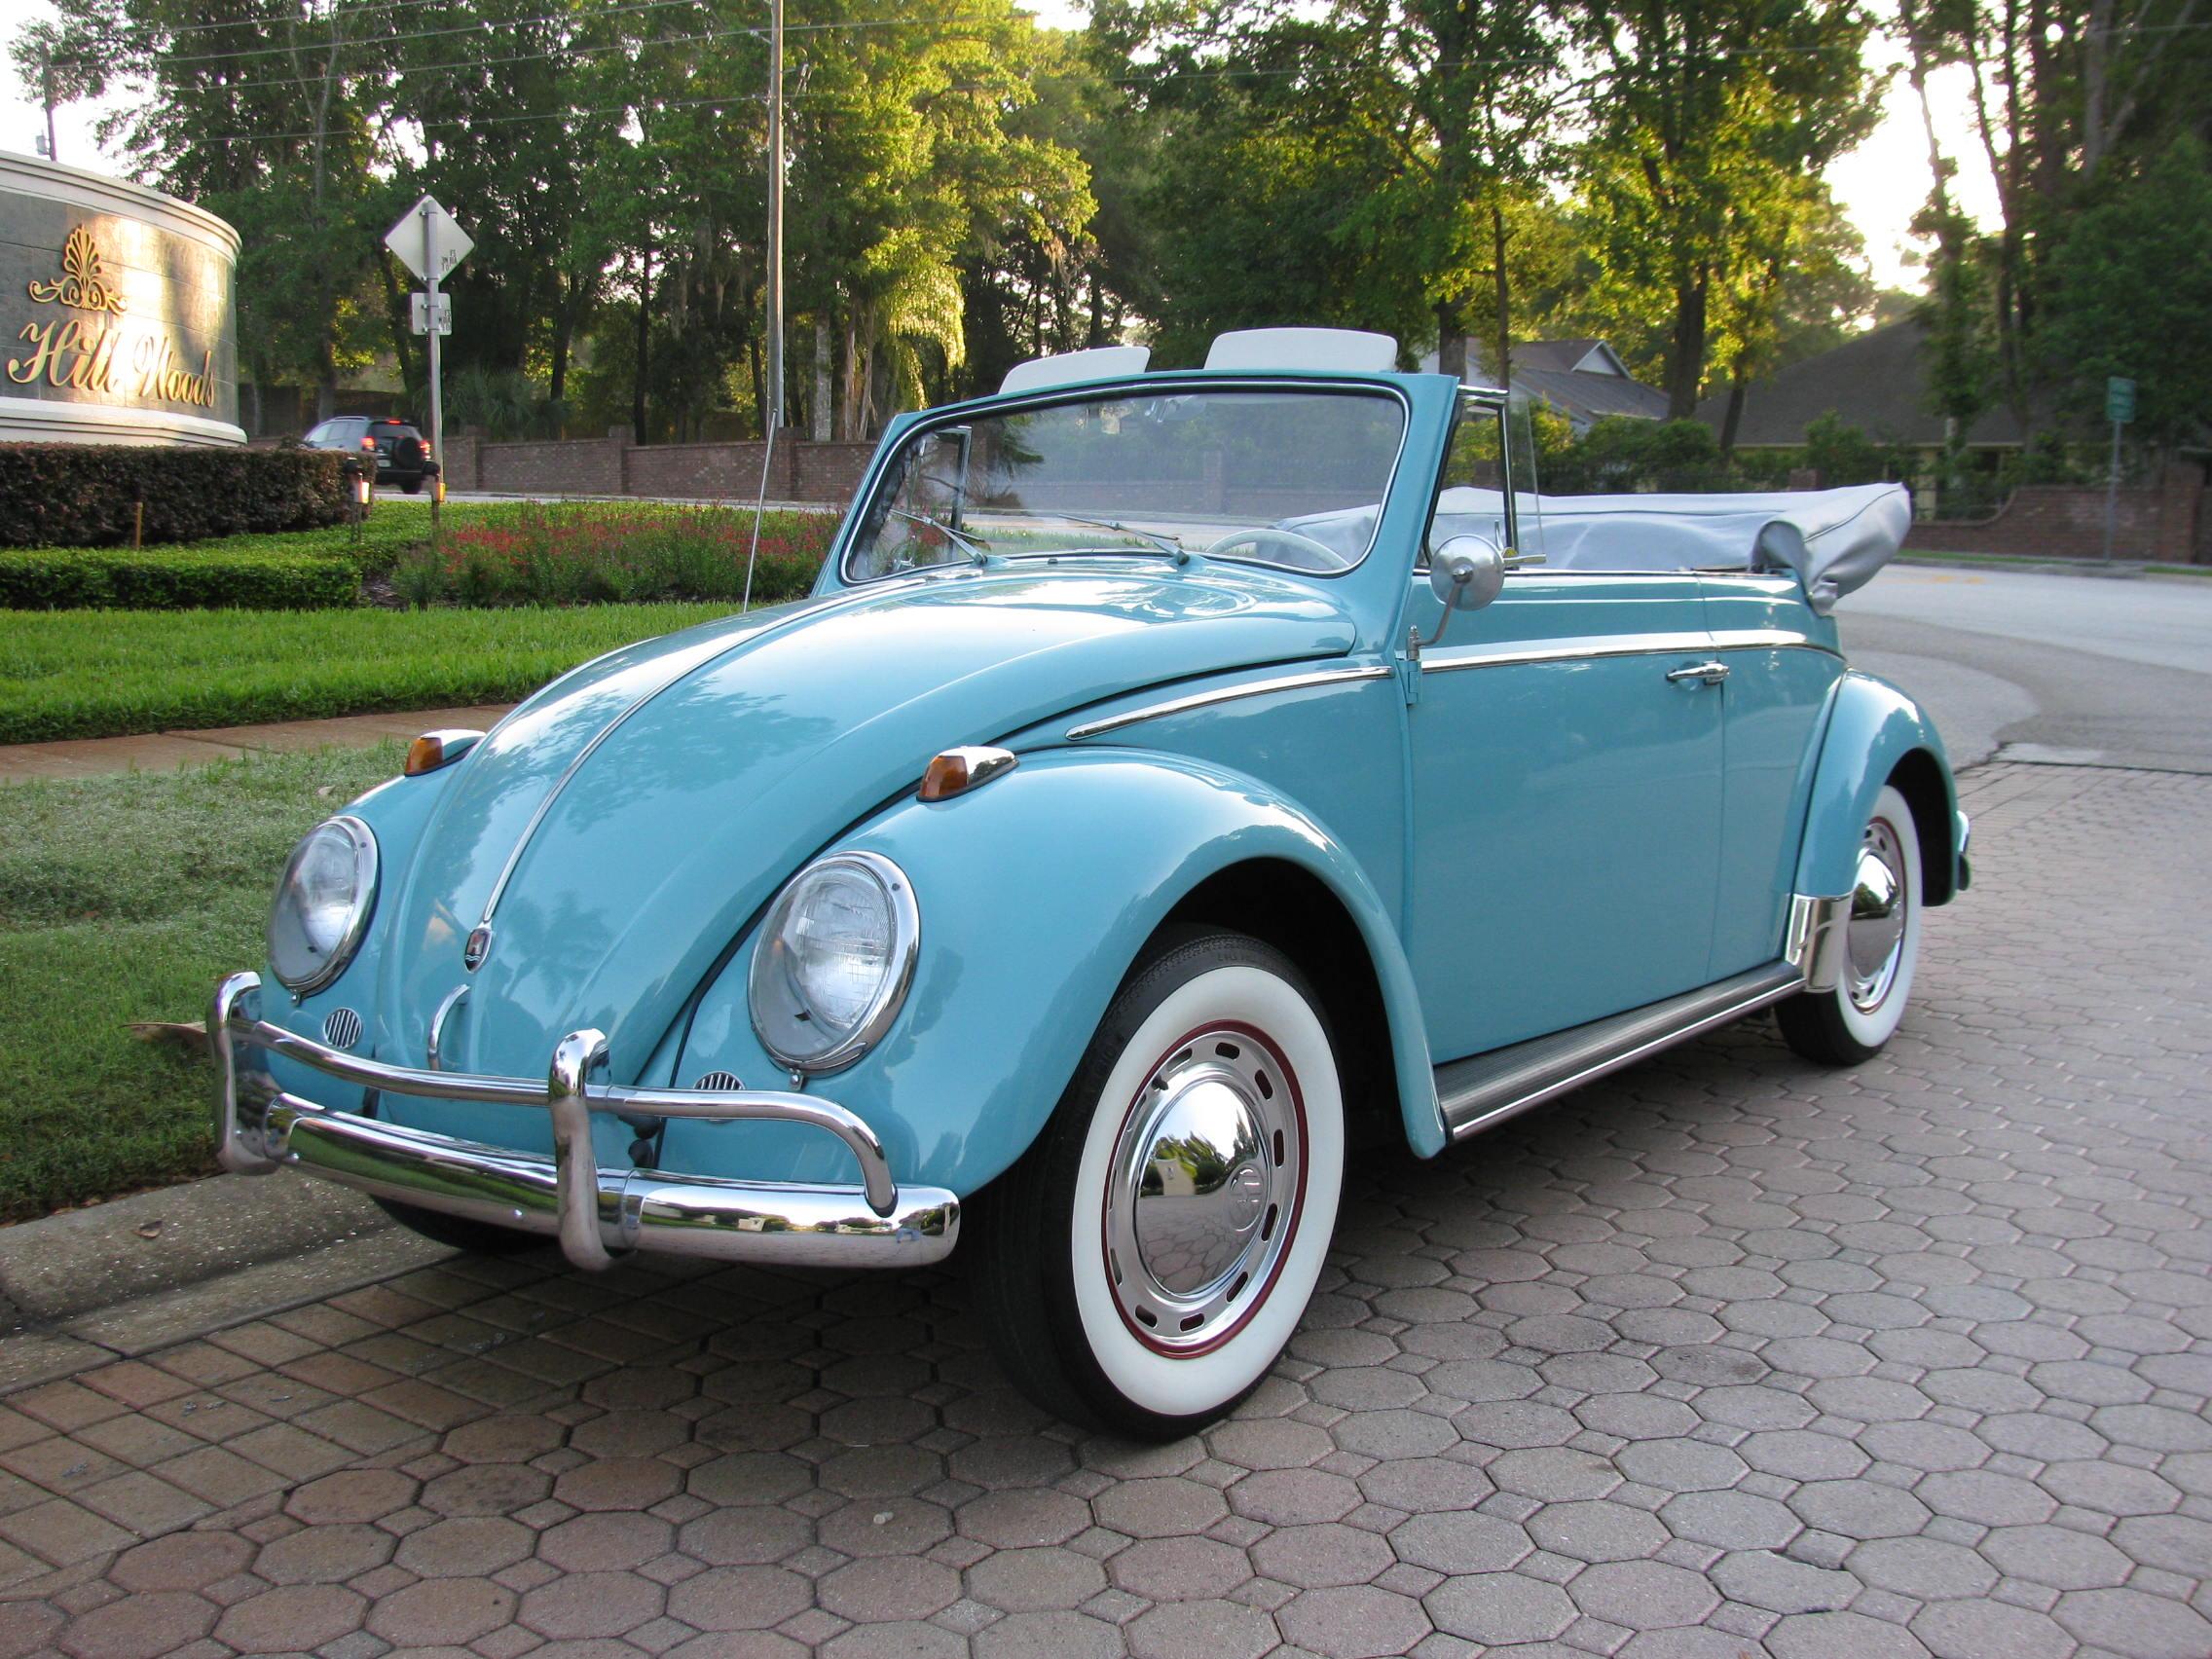 1963 Volkswagen Beetle Convertible Sold Vantage